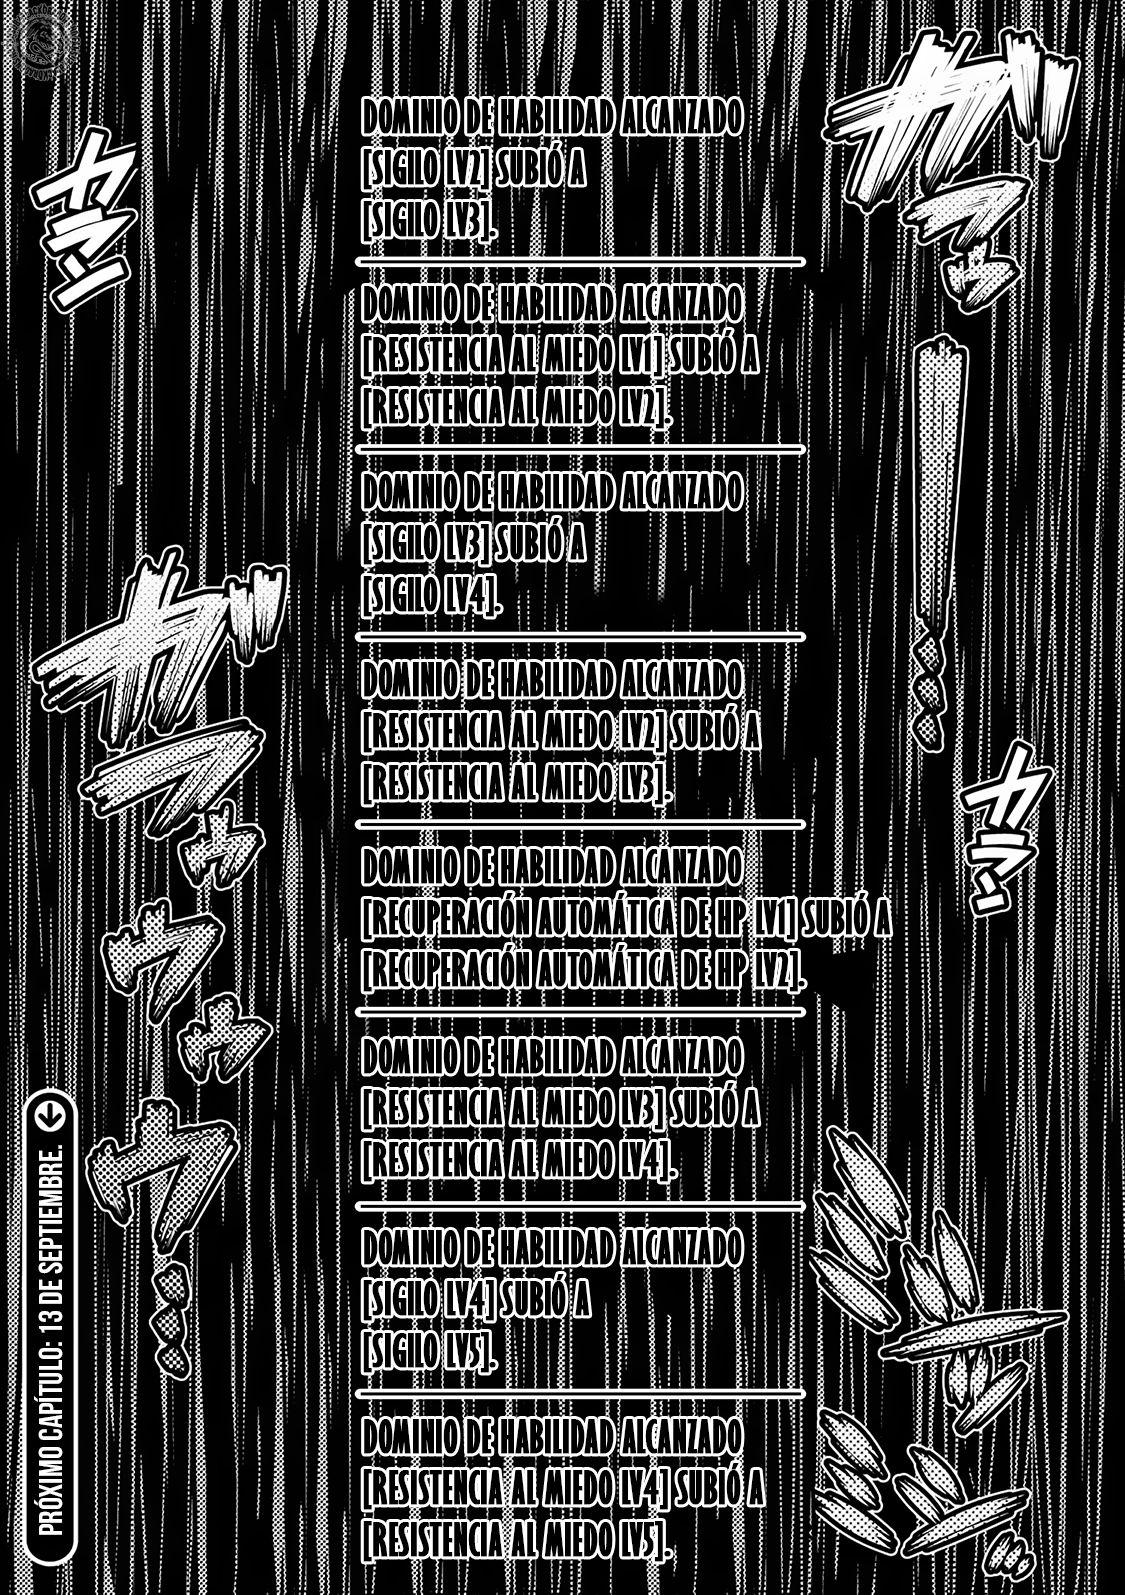 http://c5.ninemanga.com/es_manga/pic2/59/18683/499927/e1c4c7ca3a3cc2a8c8816b53b1c8c92e.jpg Page 9